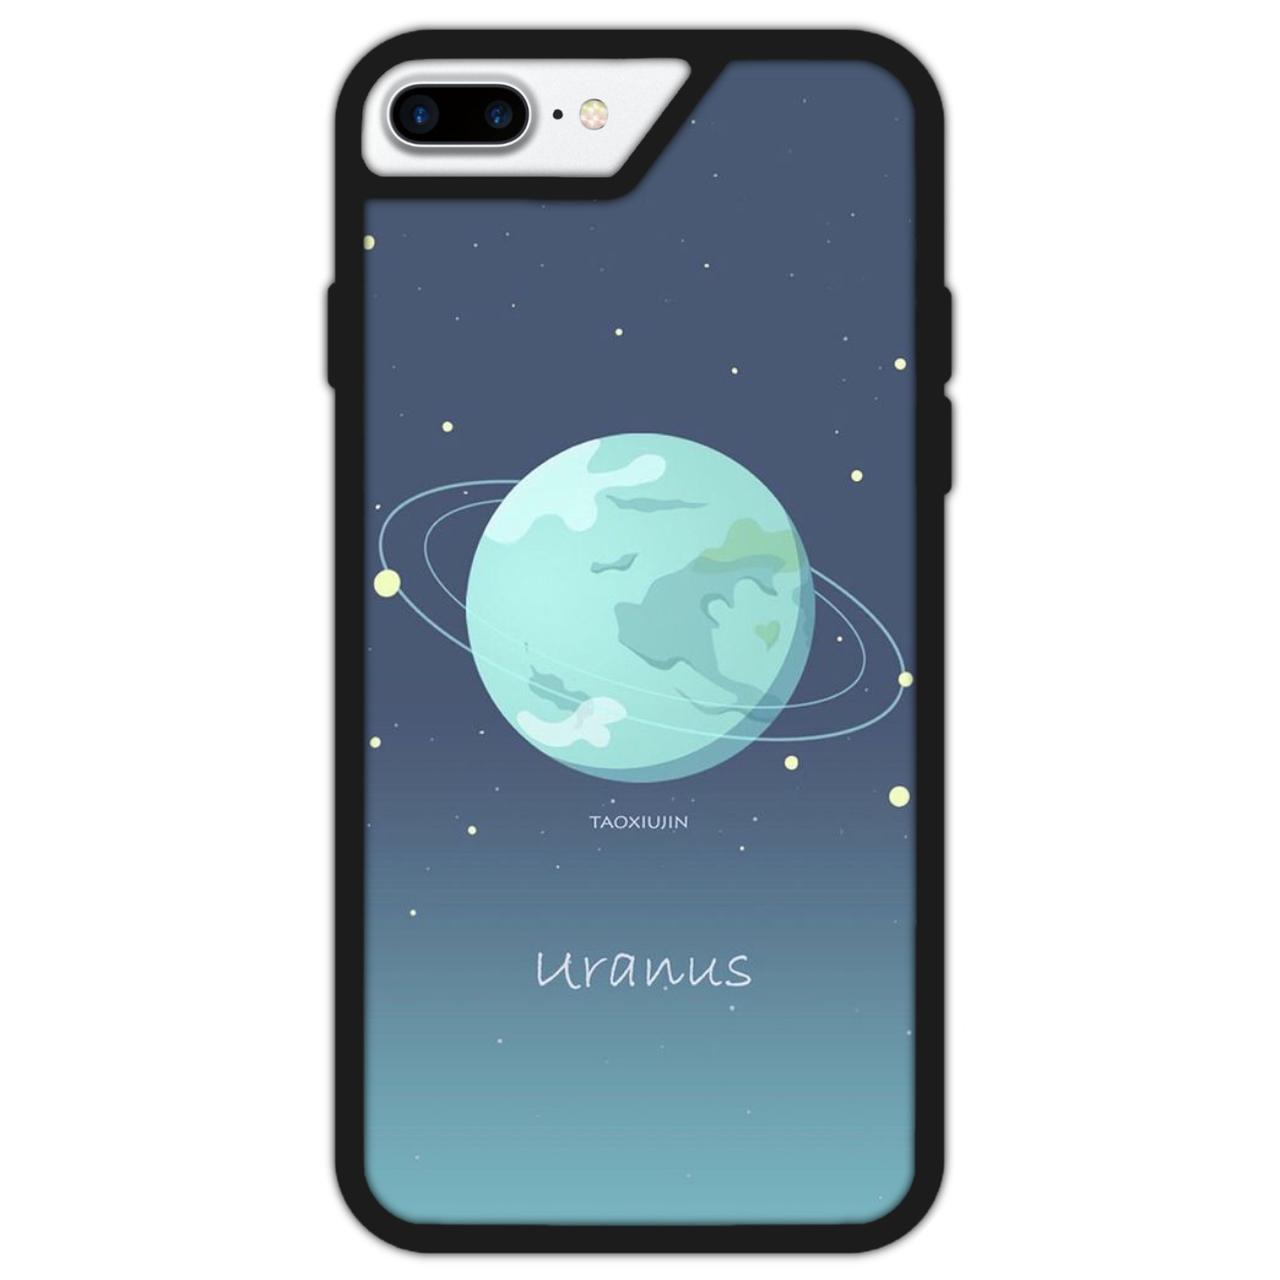 کاور مدل A7P0346 مناسب برای گوشی موبایل اپل iPhone 7 Plus/8 plus